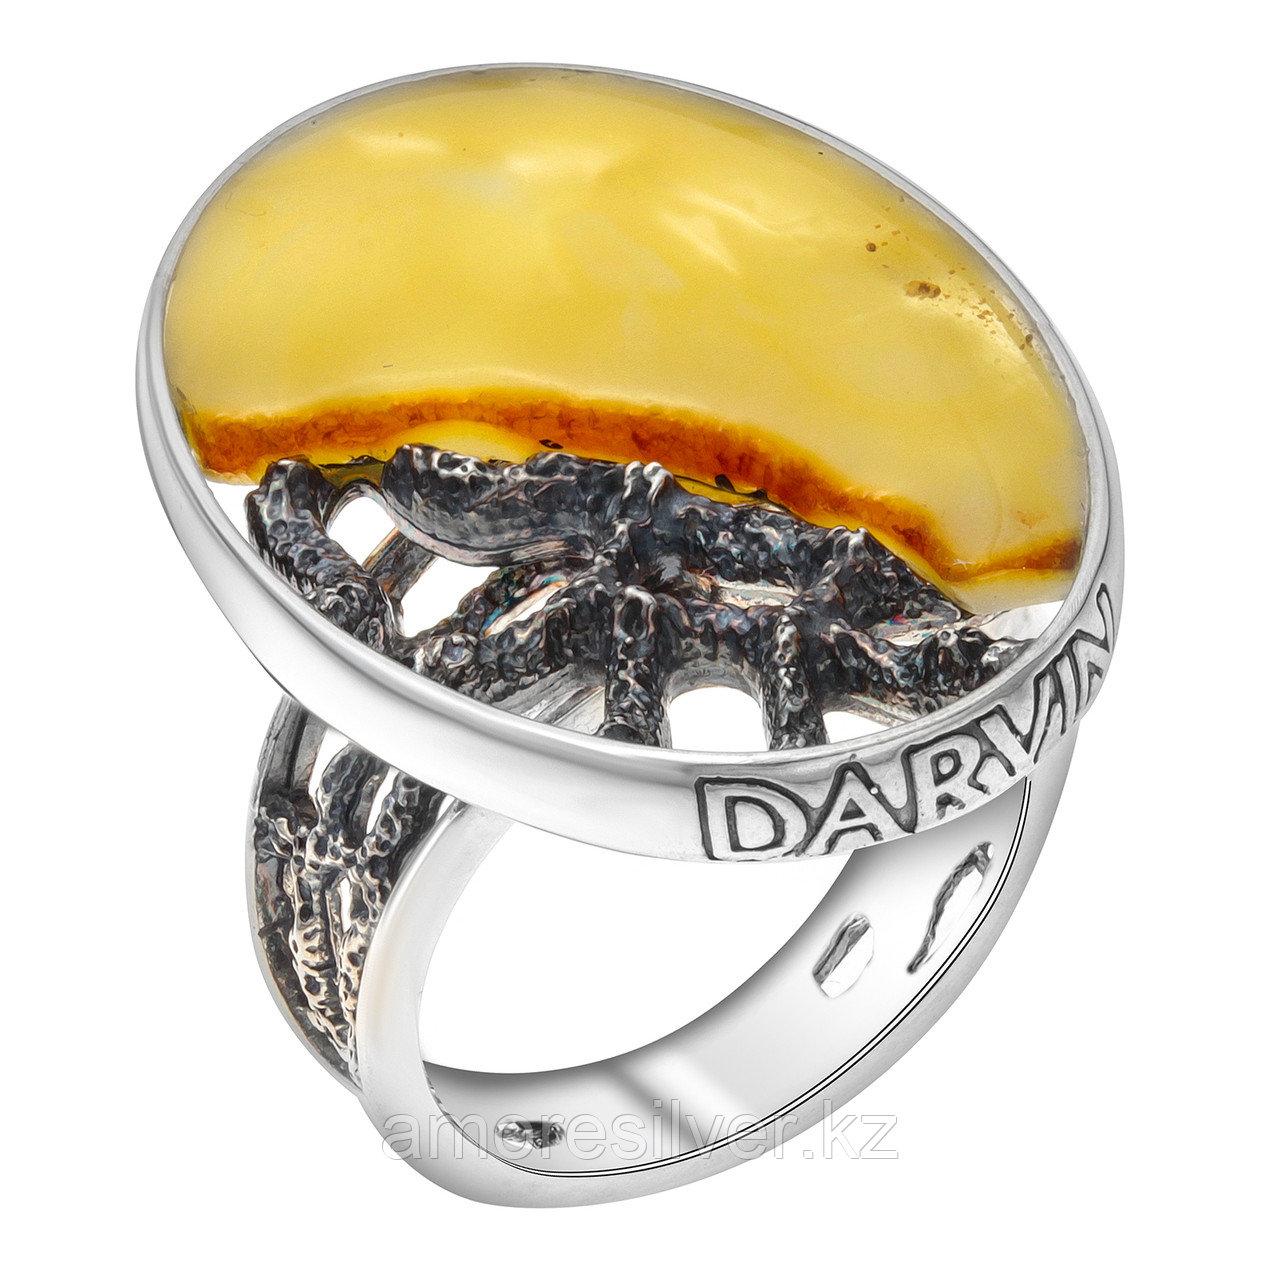 Кольцо Darvin из черненного серебра, янтарь белый, необычное 520034003aa